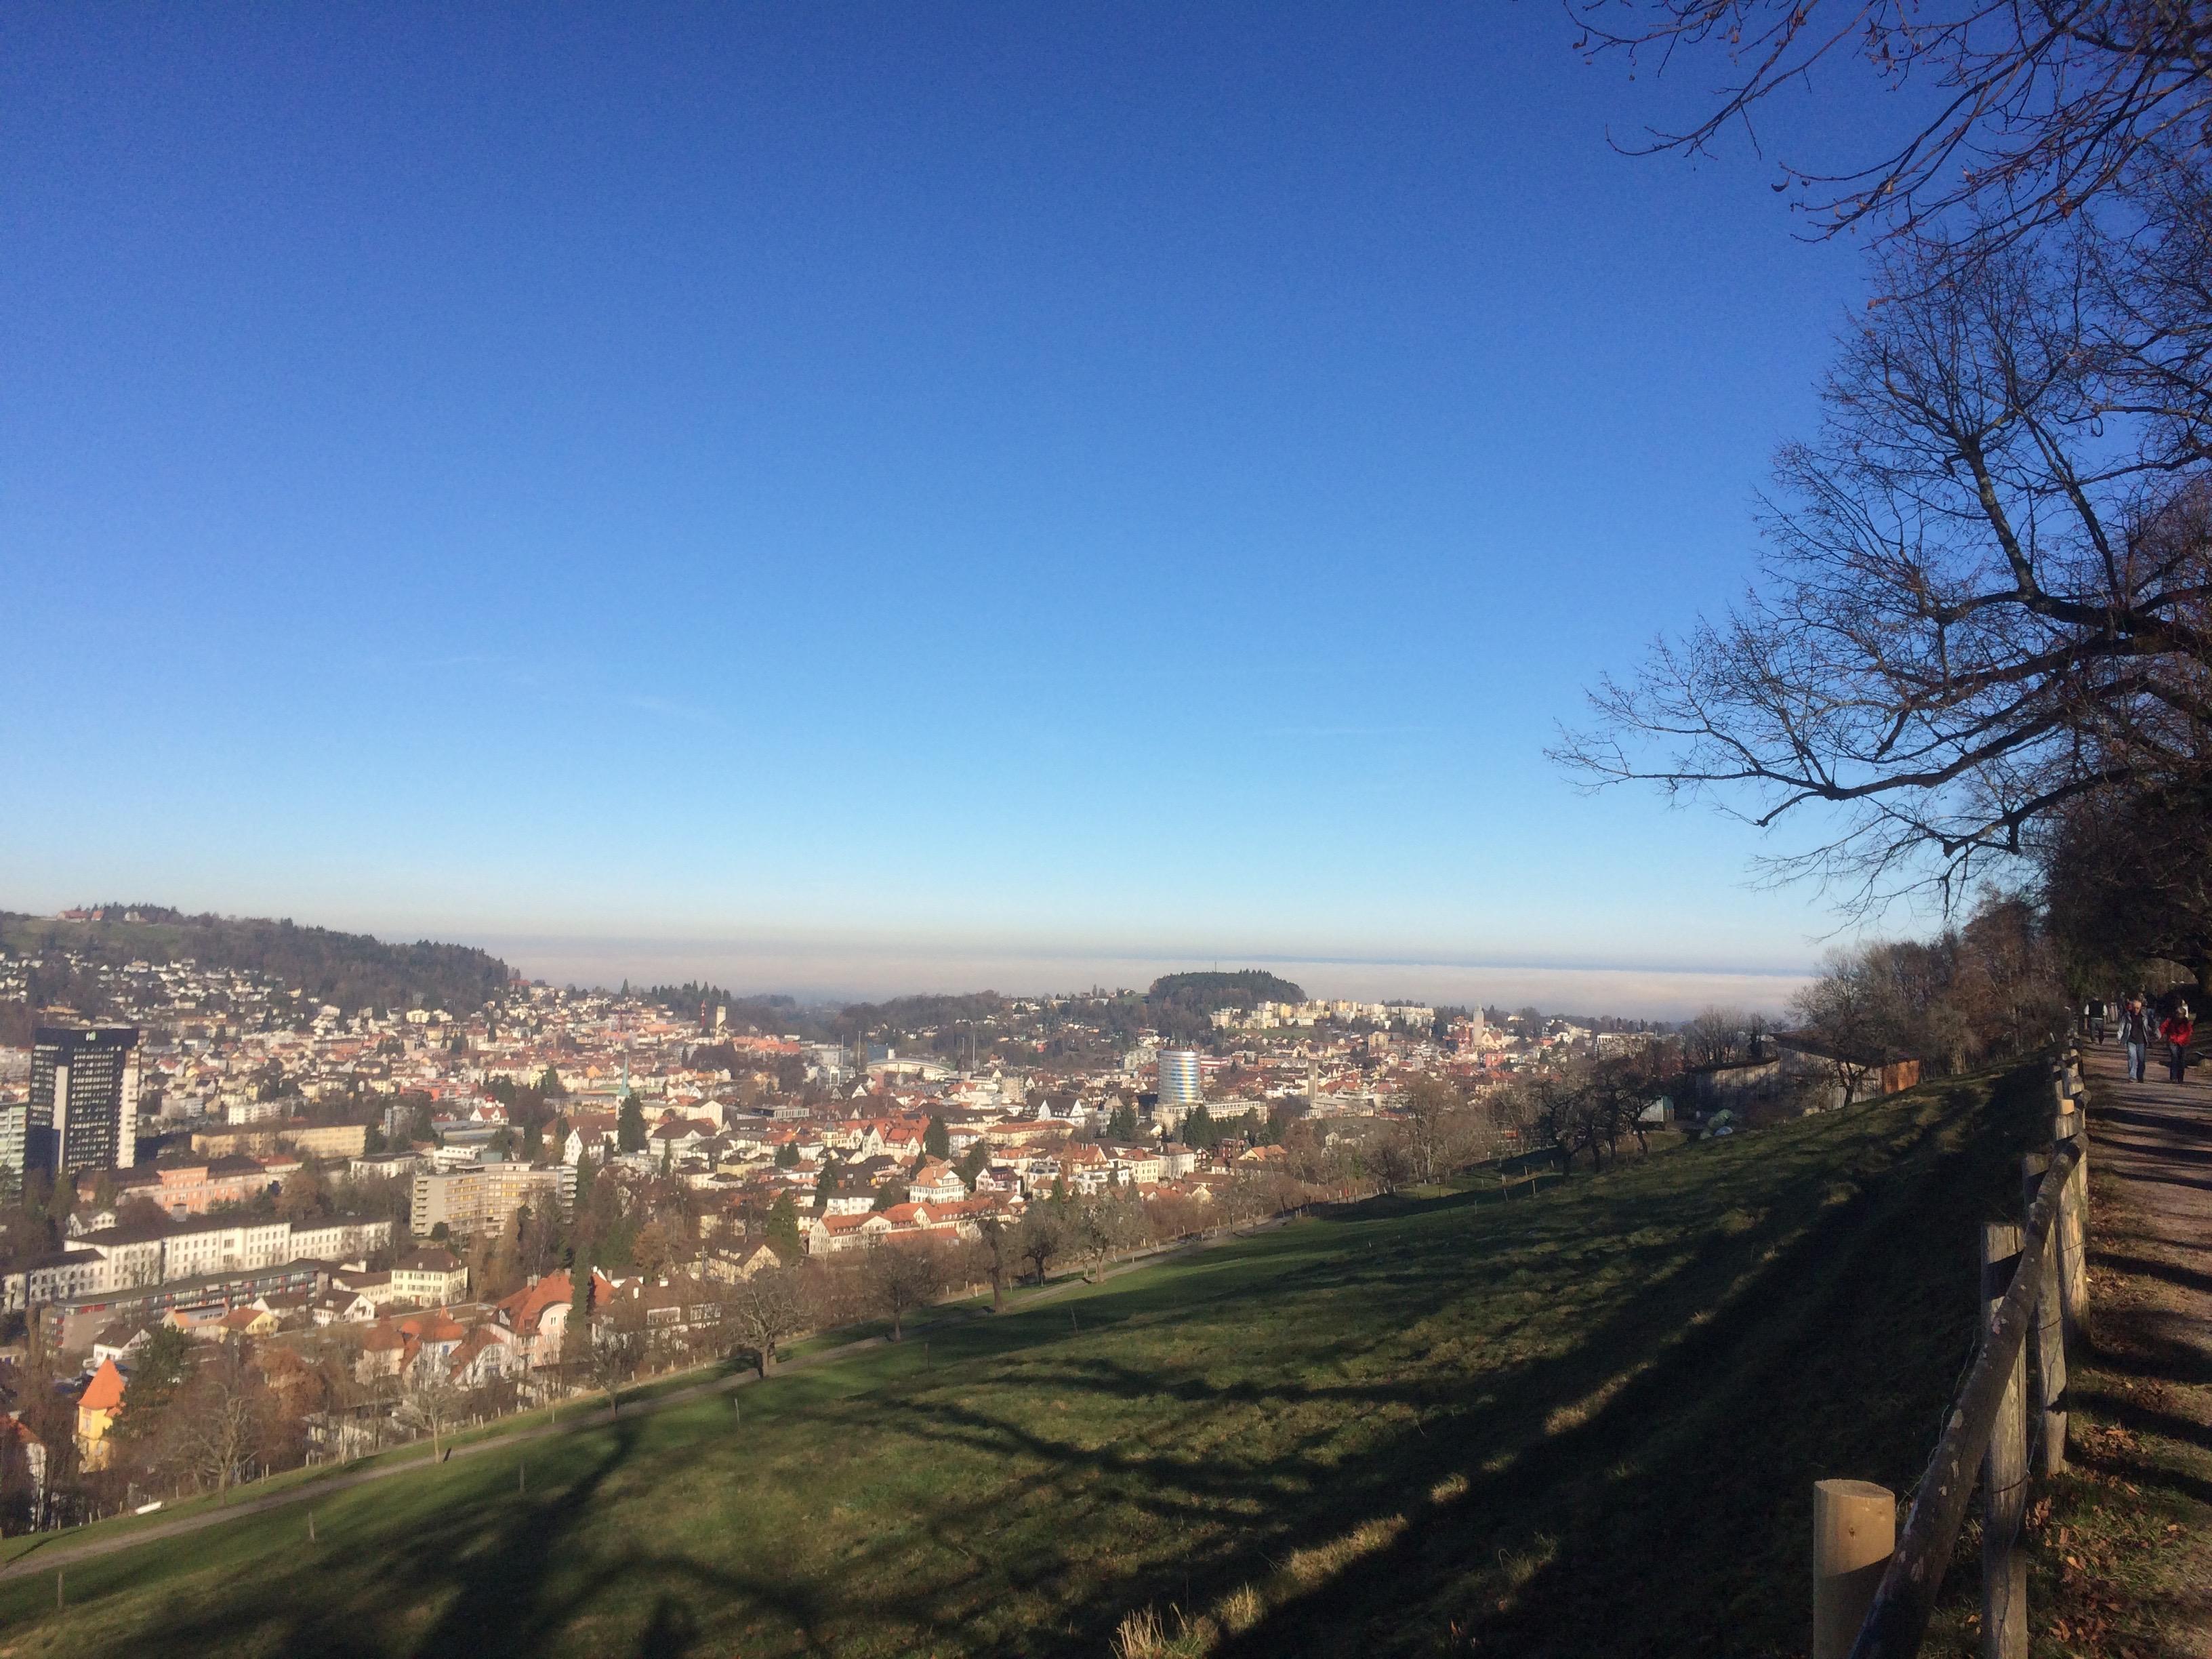 Drei Weihern St.Gallen